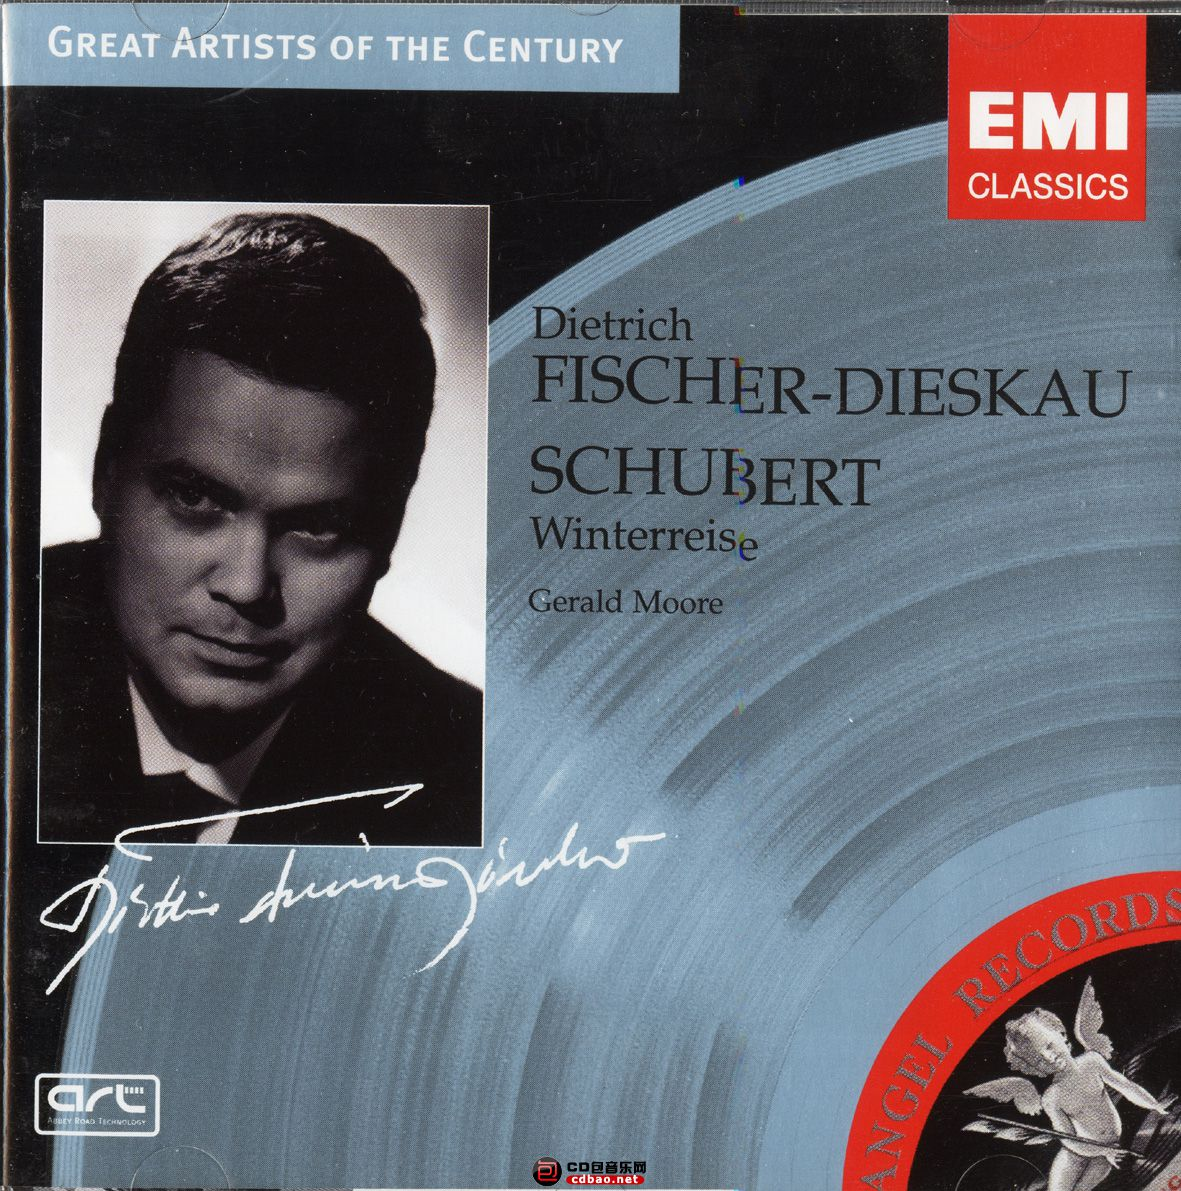 Fischer-Dieskau_Schubert Winterreise.01.jpg